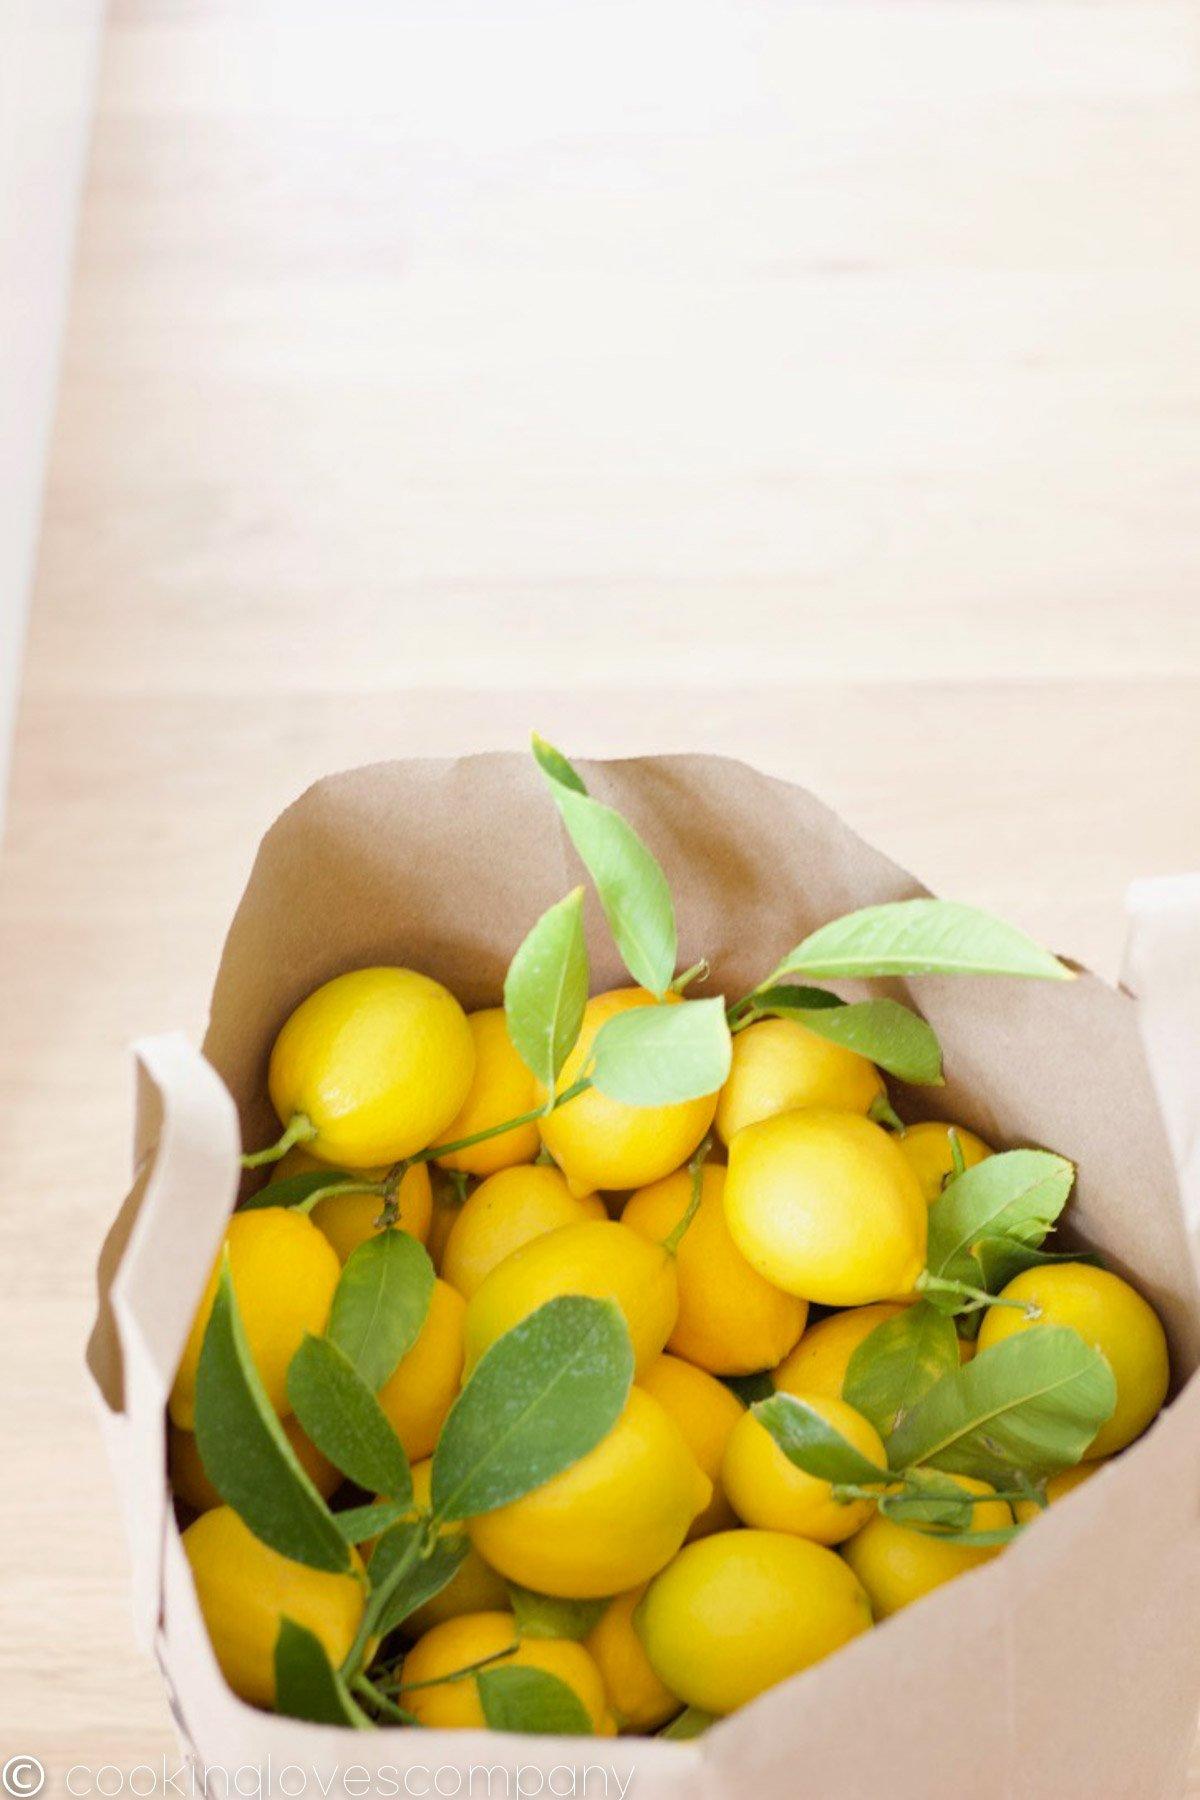 A brown paper bag on a light hardwood floor full of freshly picked lemons.